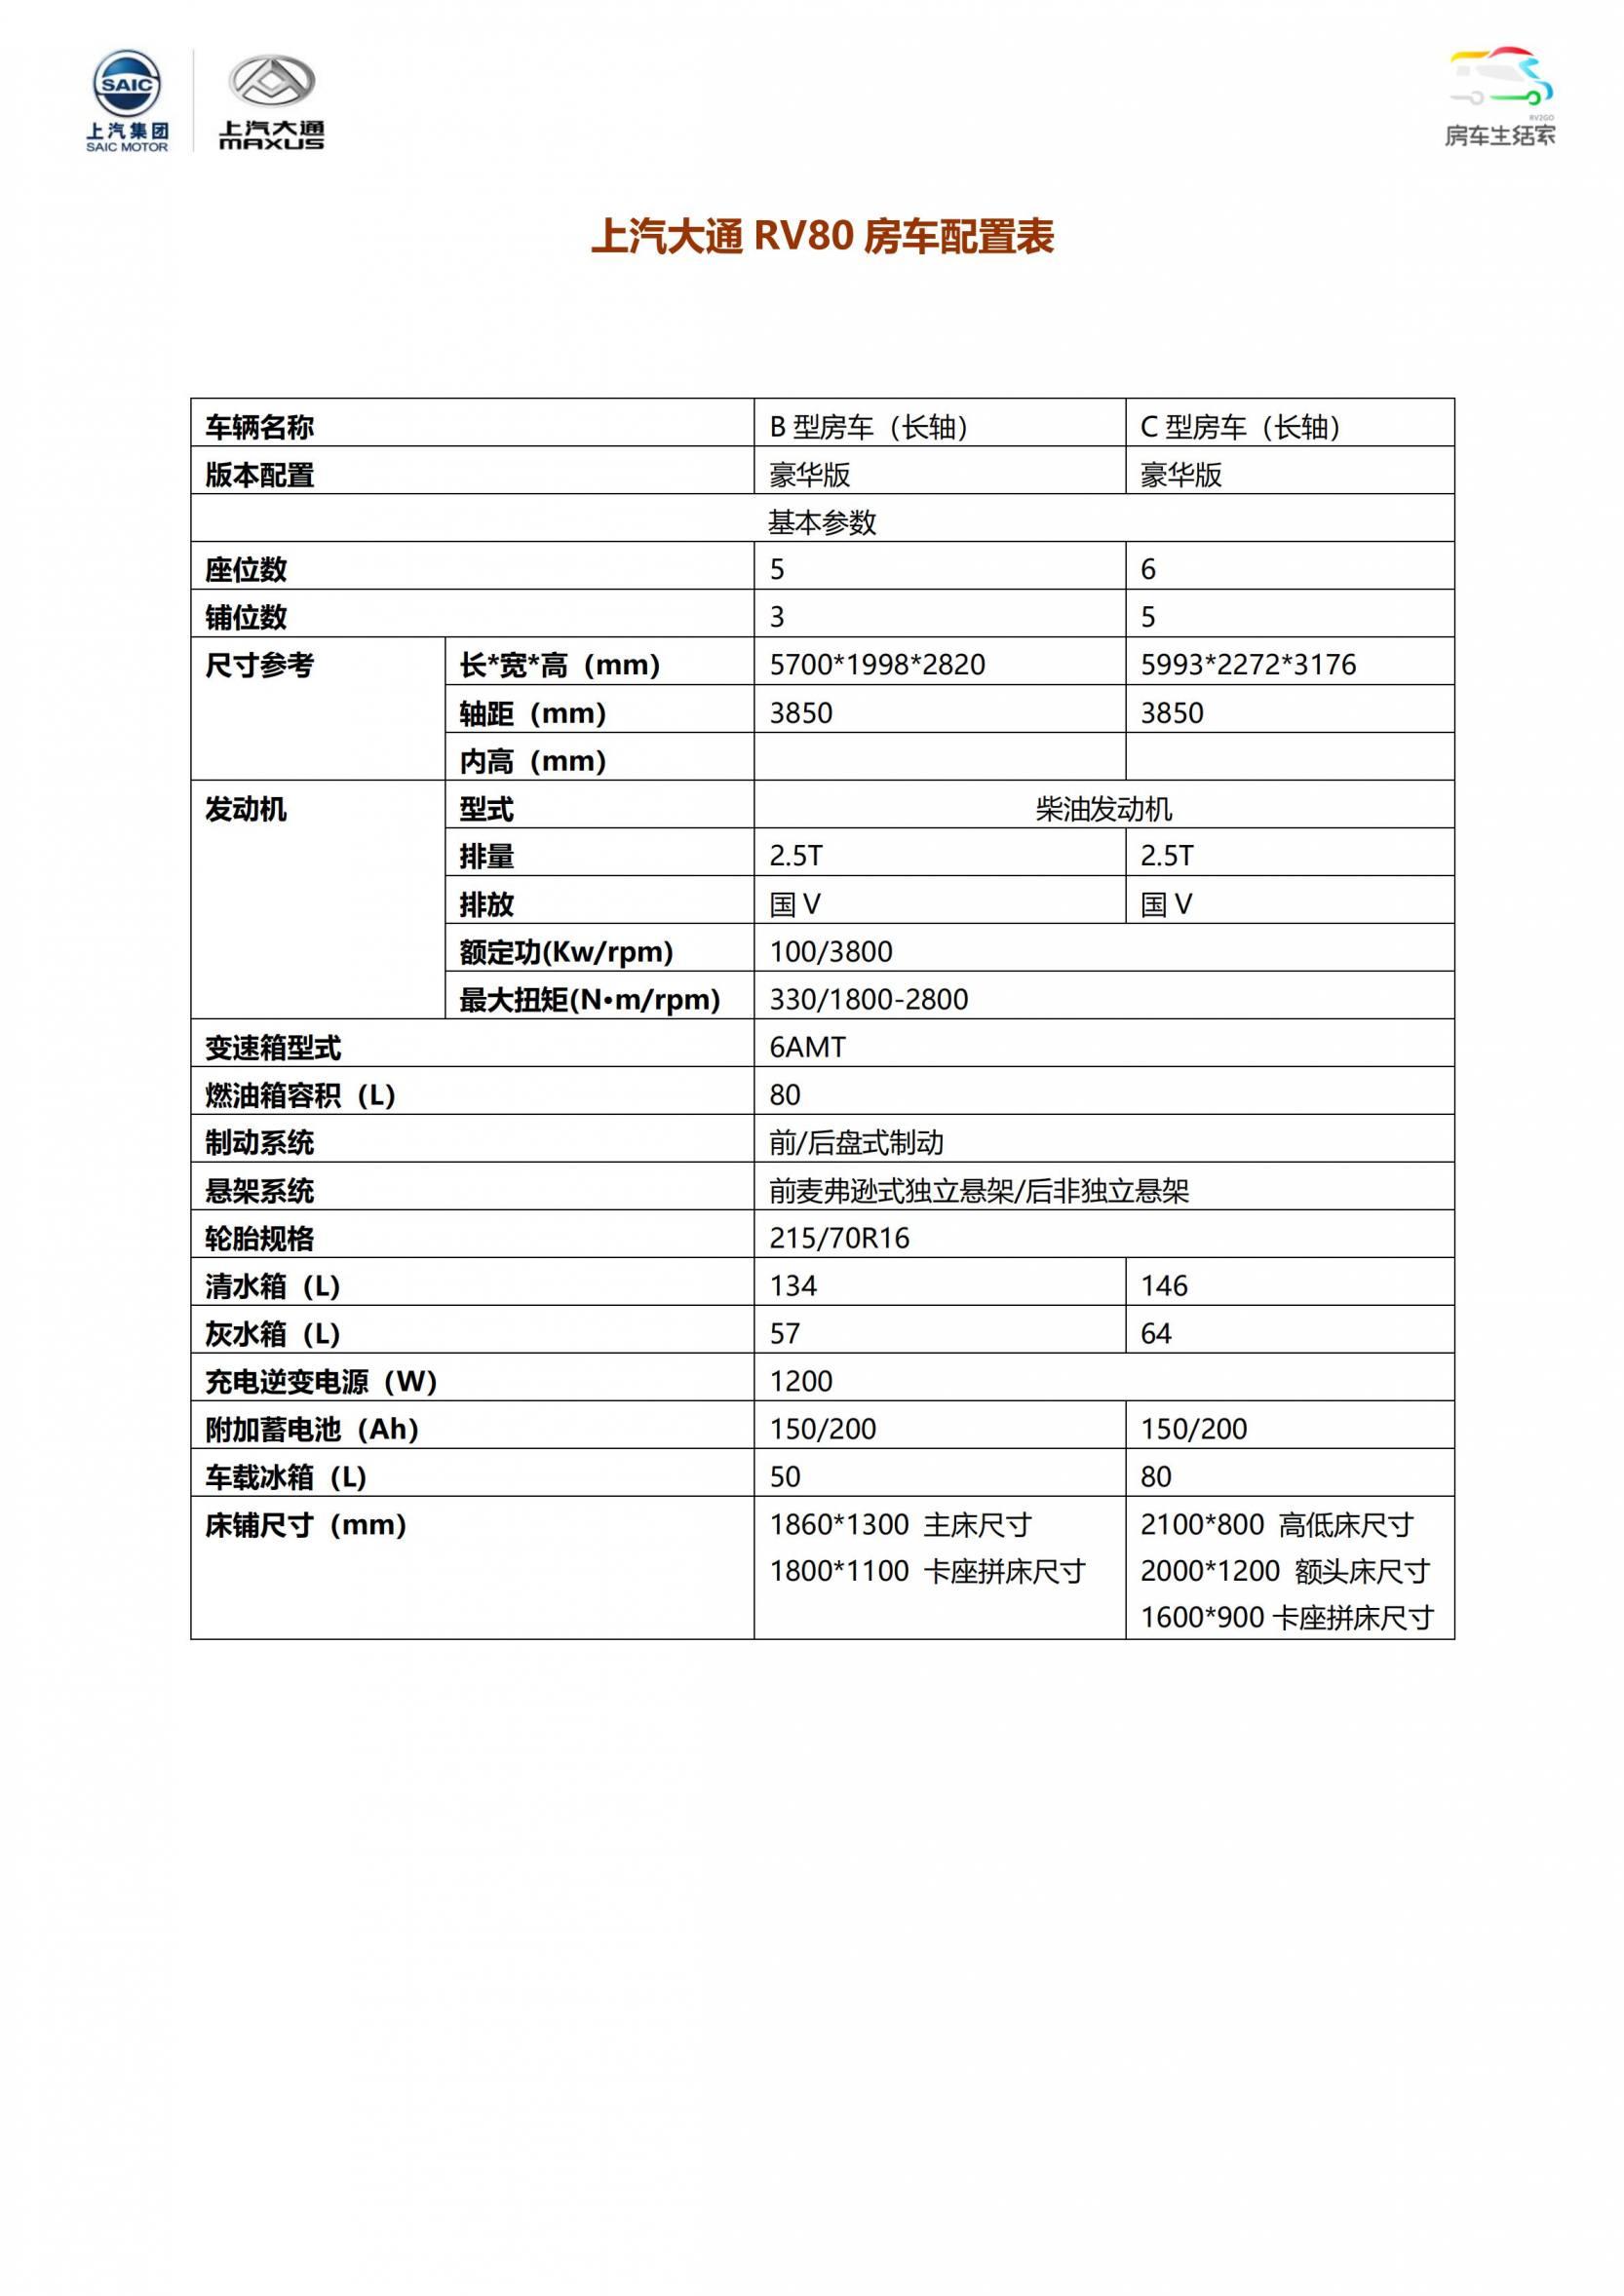 上汽大通房车-房车介绍(7)_03